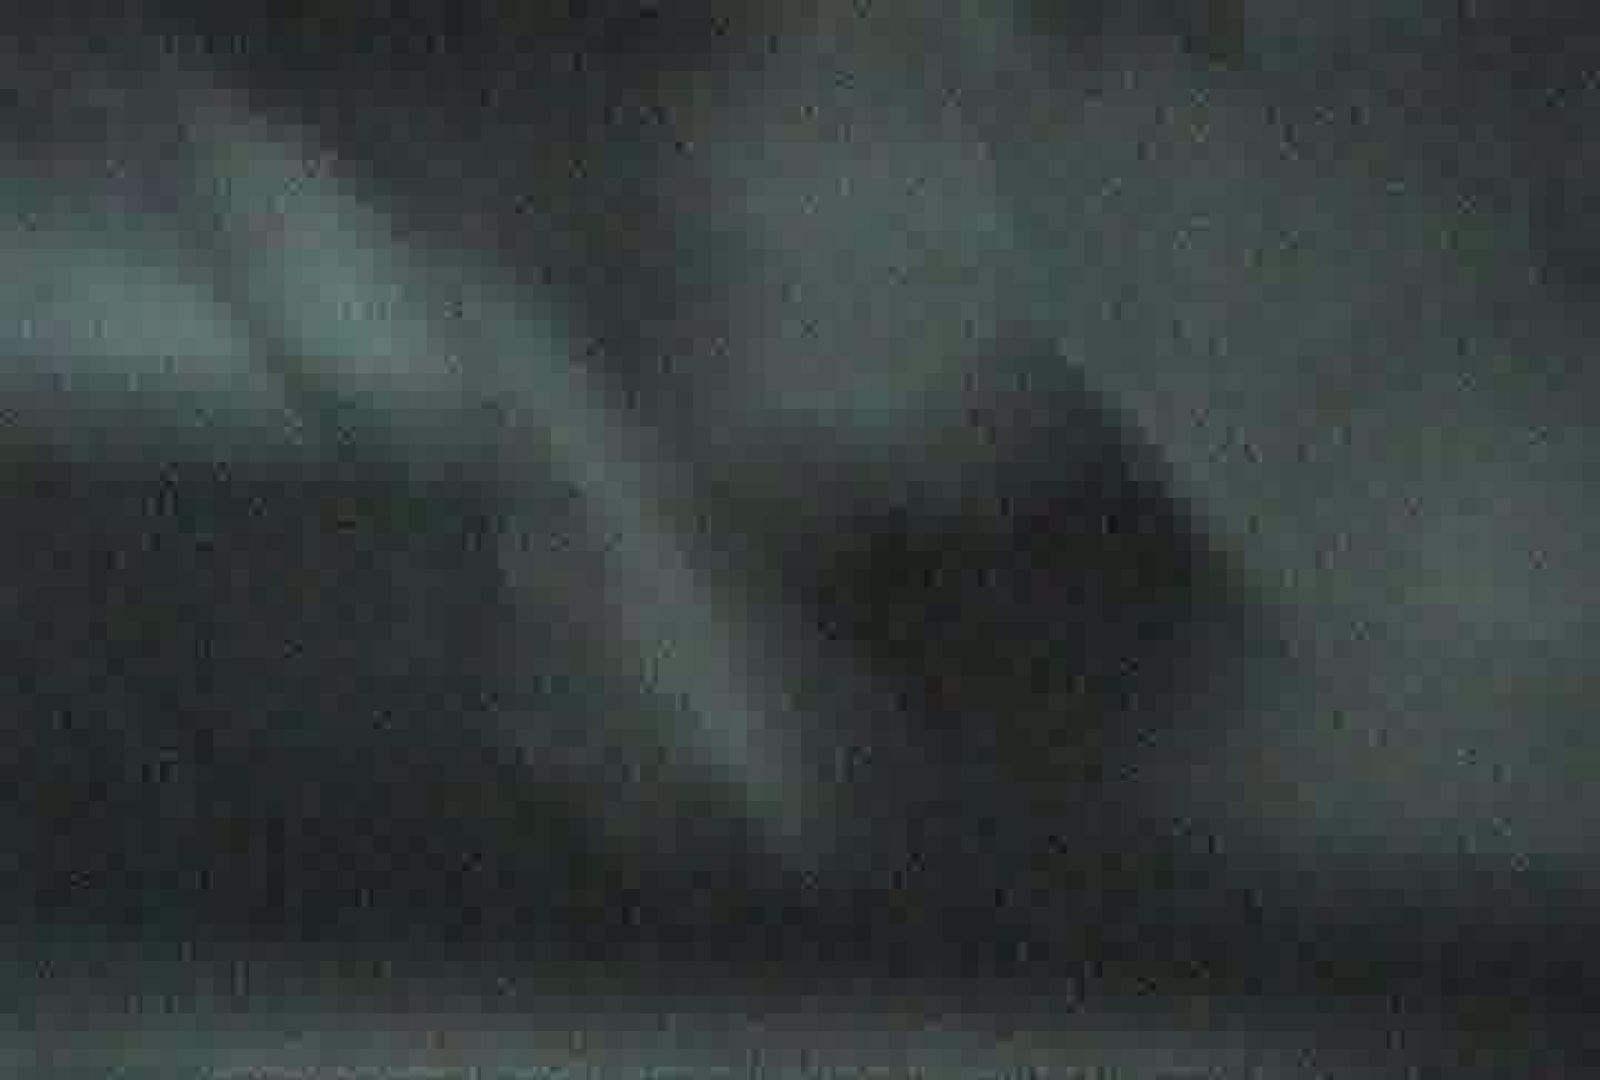 充血監督の深夜の運動会Vol.74 熟女の実態 盗撮戯れ無修正画像 96pic 2